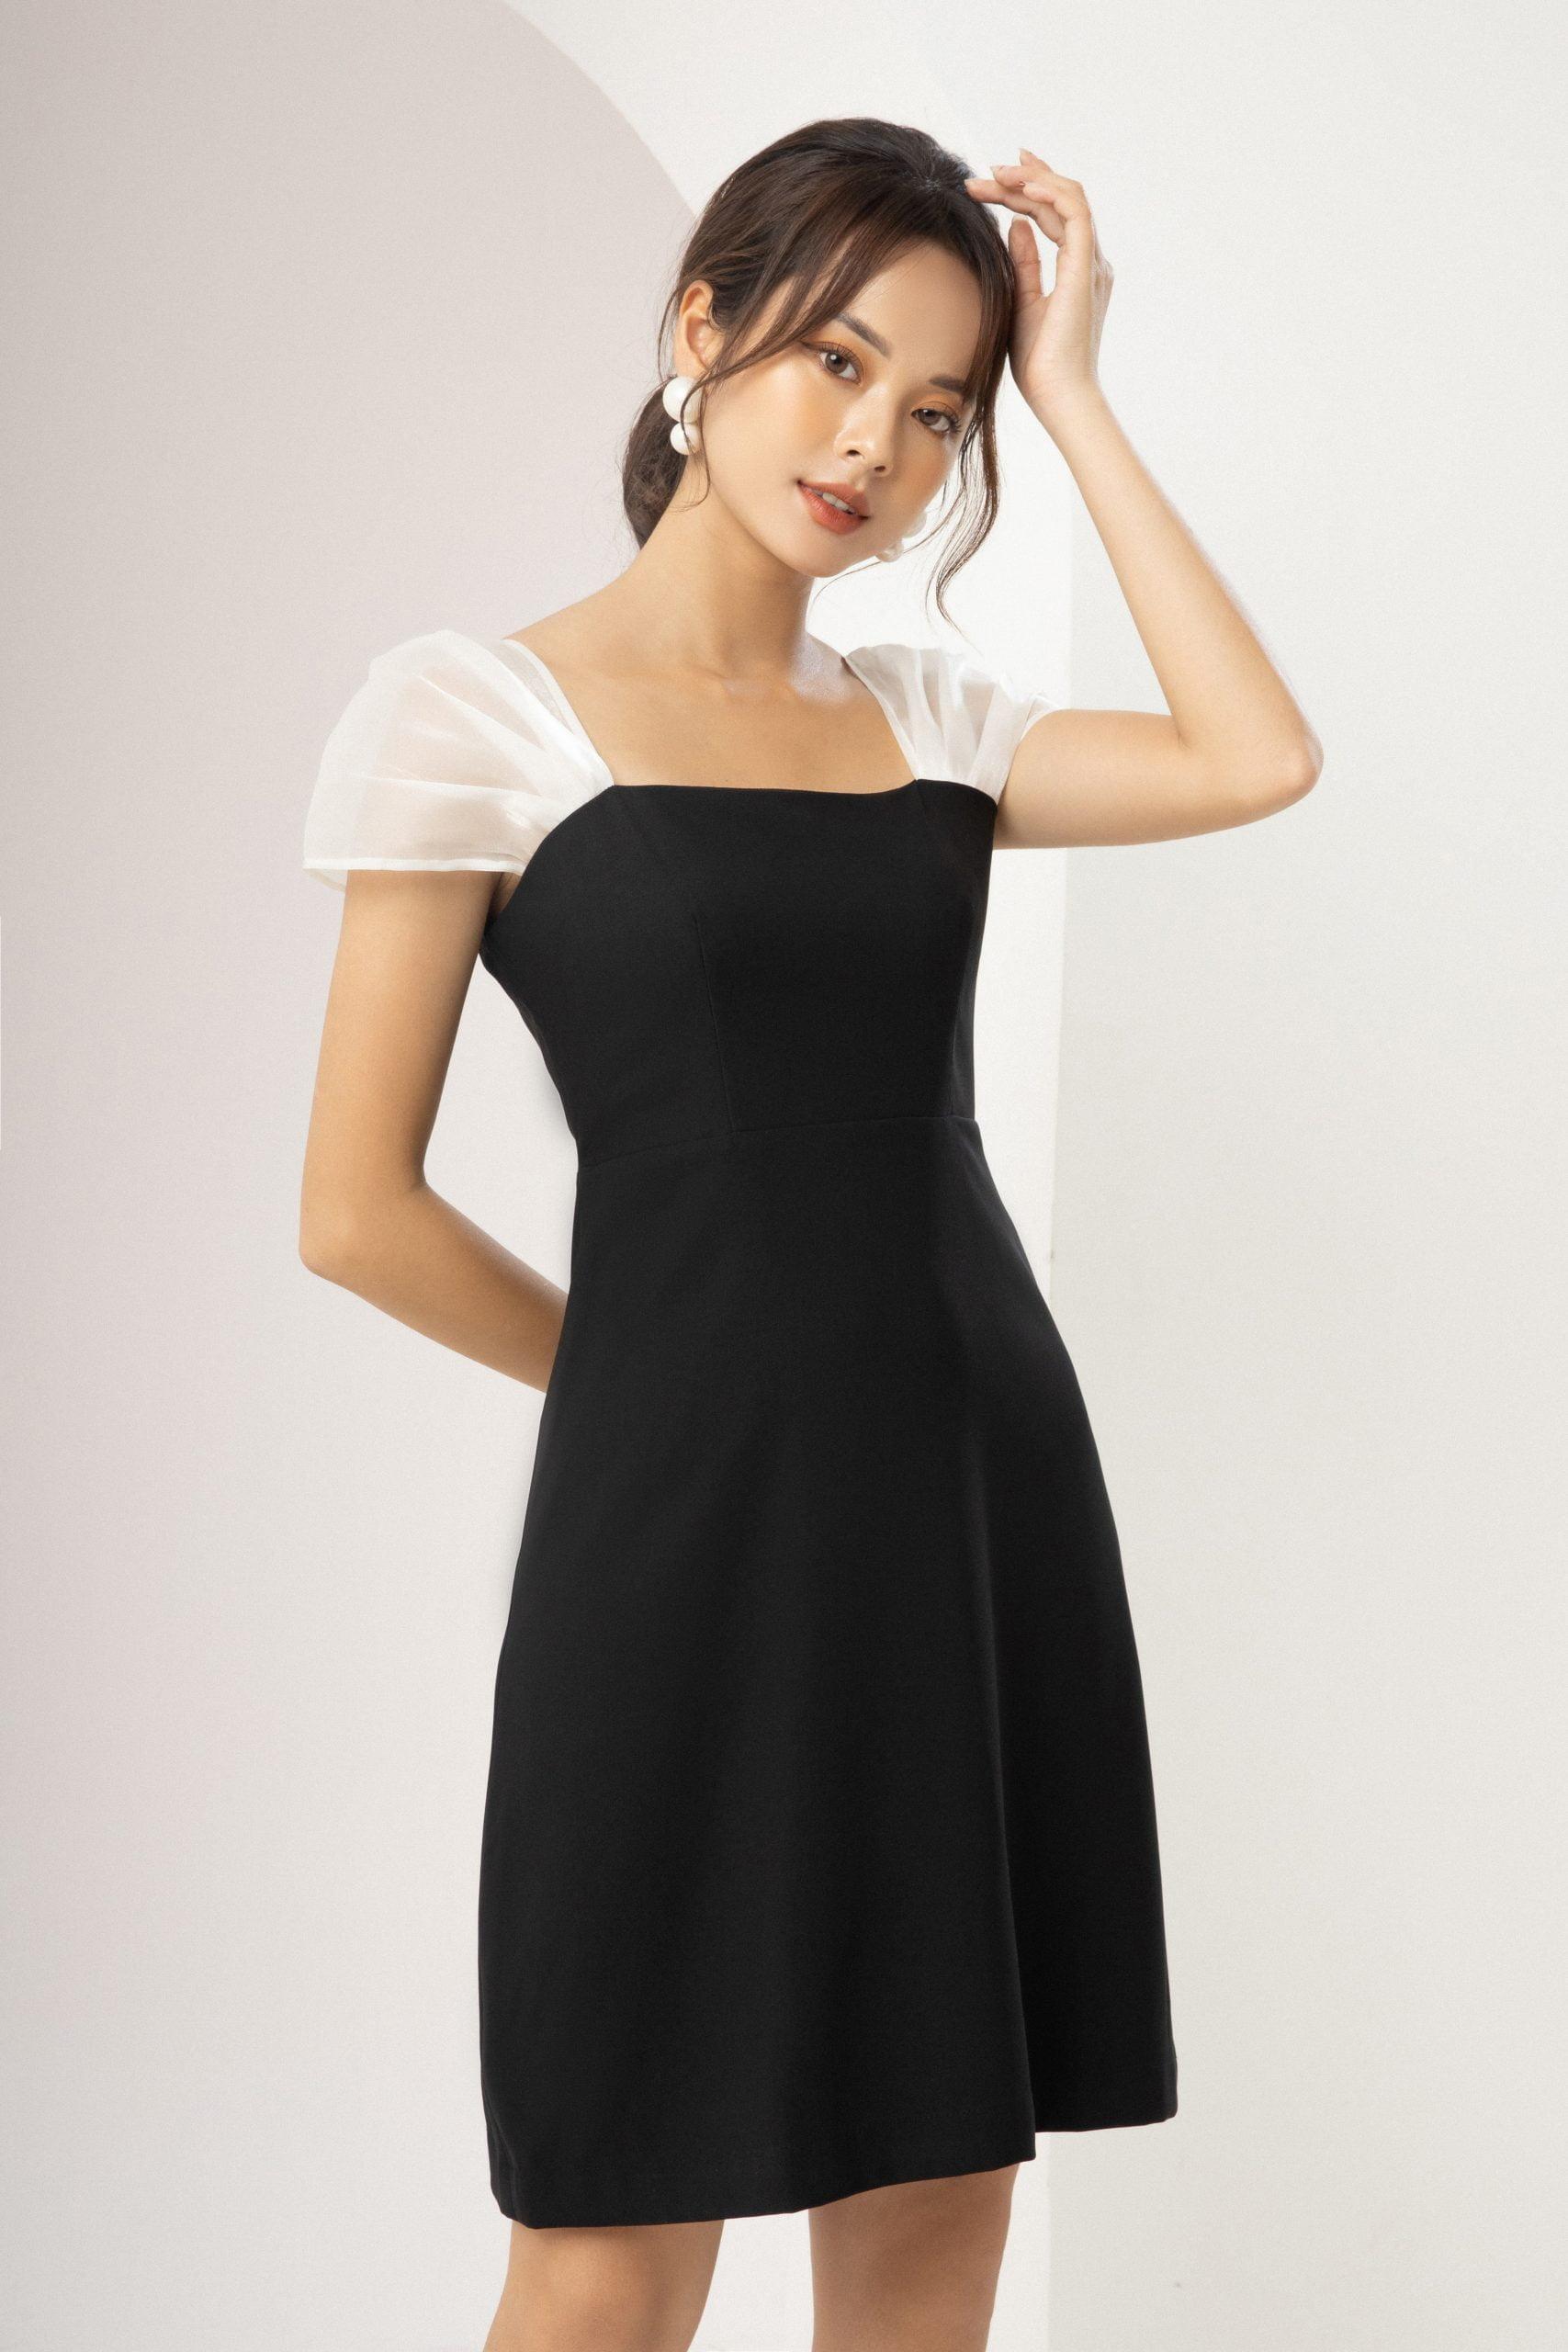 Set đồ đen ngày halloween - Trang phục đơn giản mà đầy ấn tượng